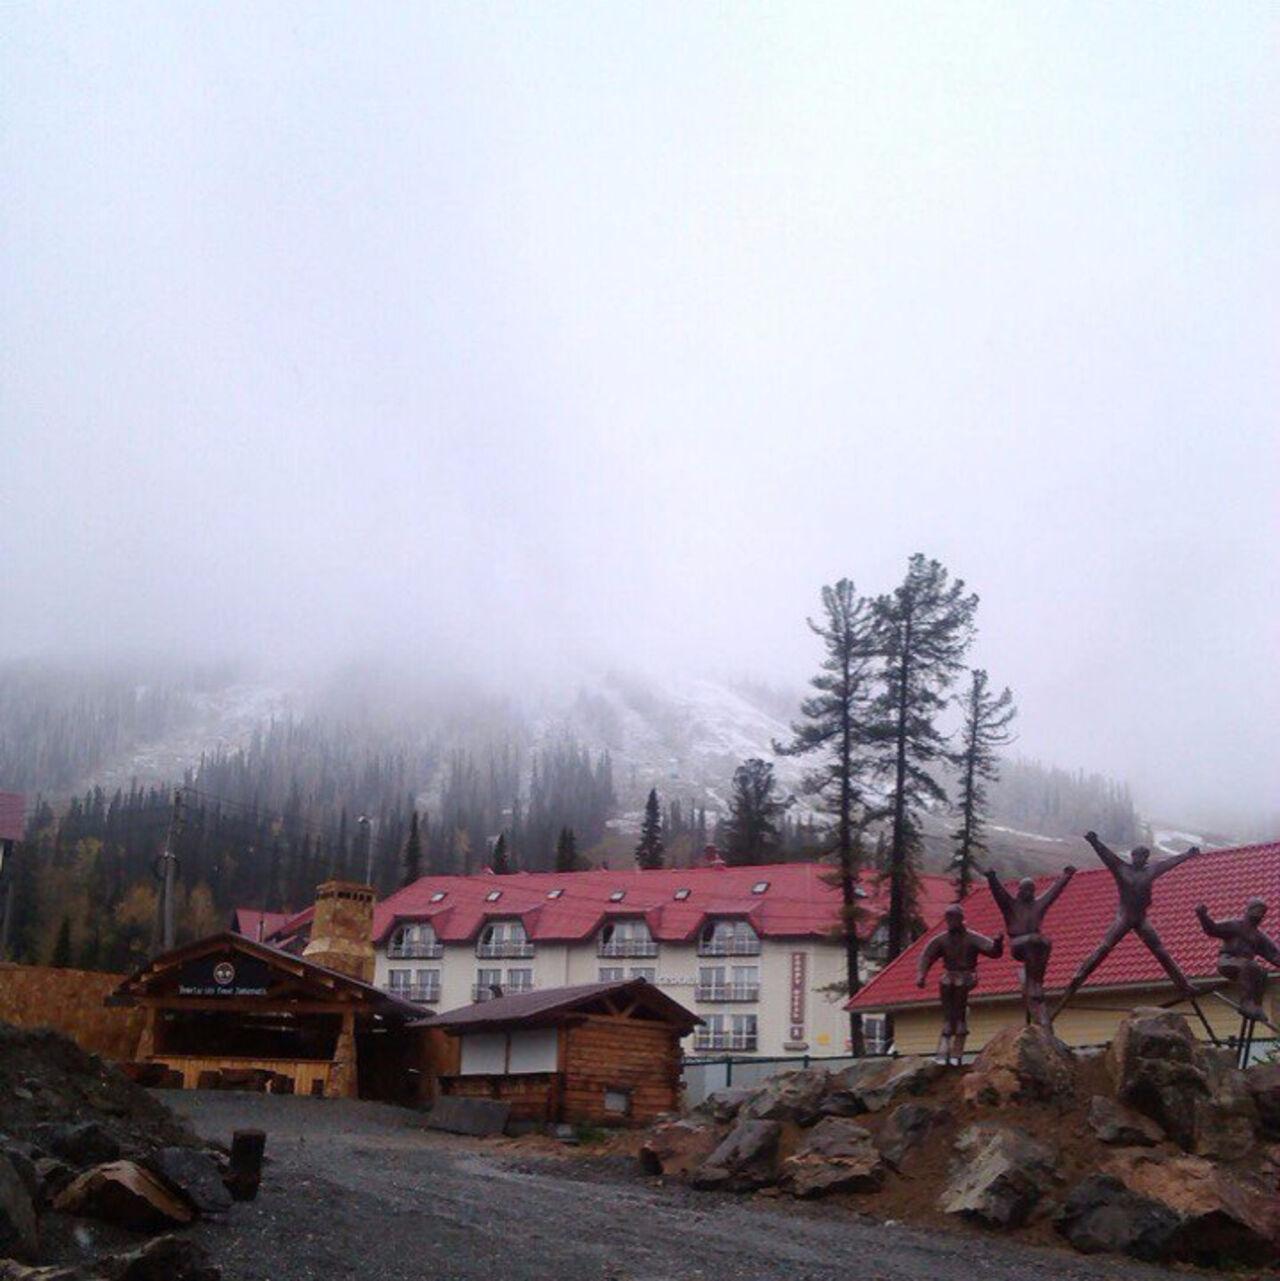 1-ый снег выпал вэти выходные на известном курорте Шерегеш